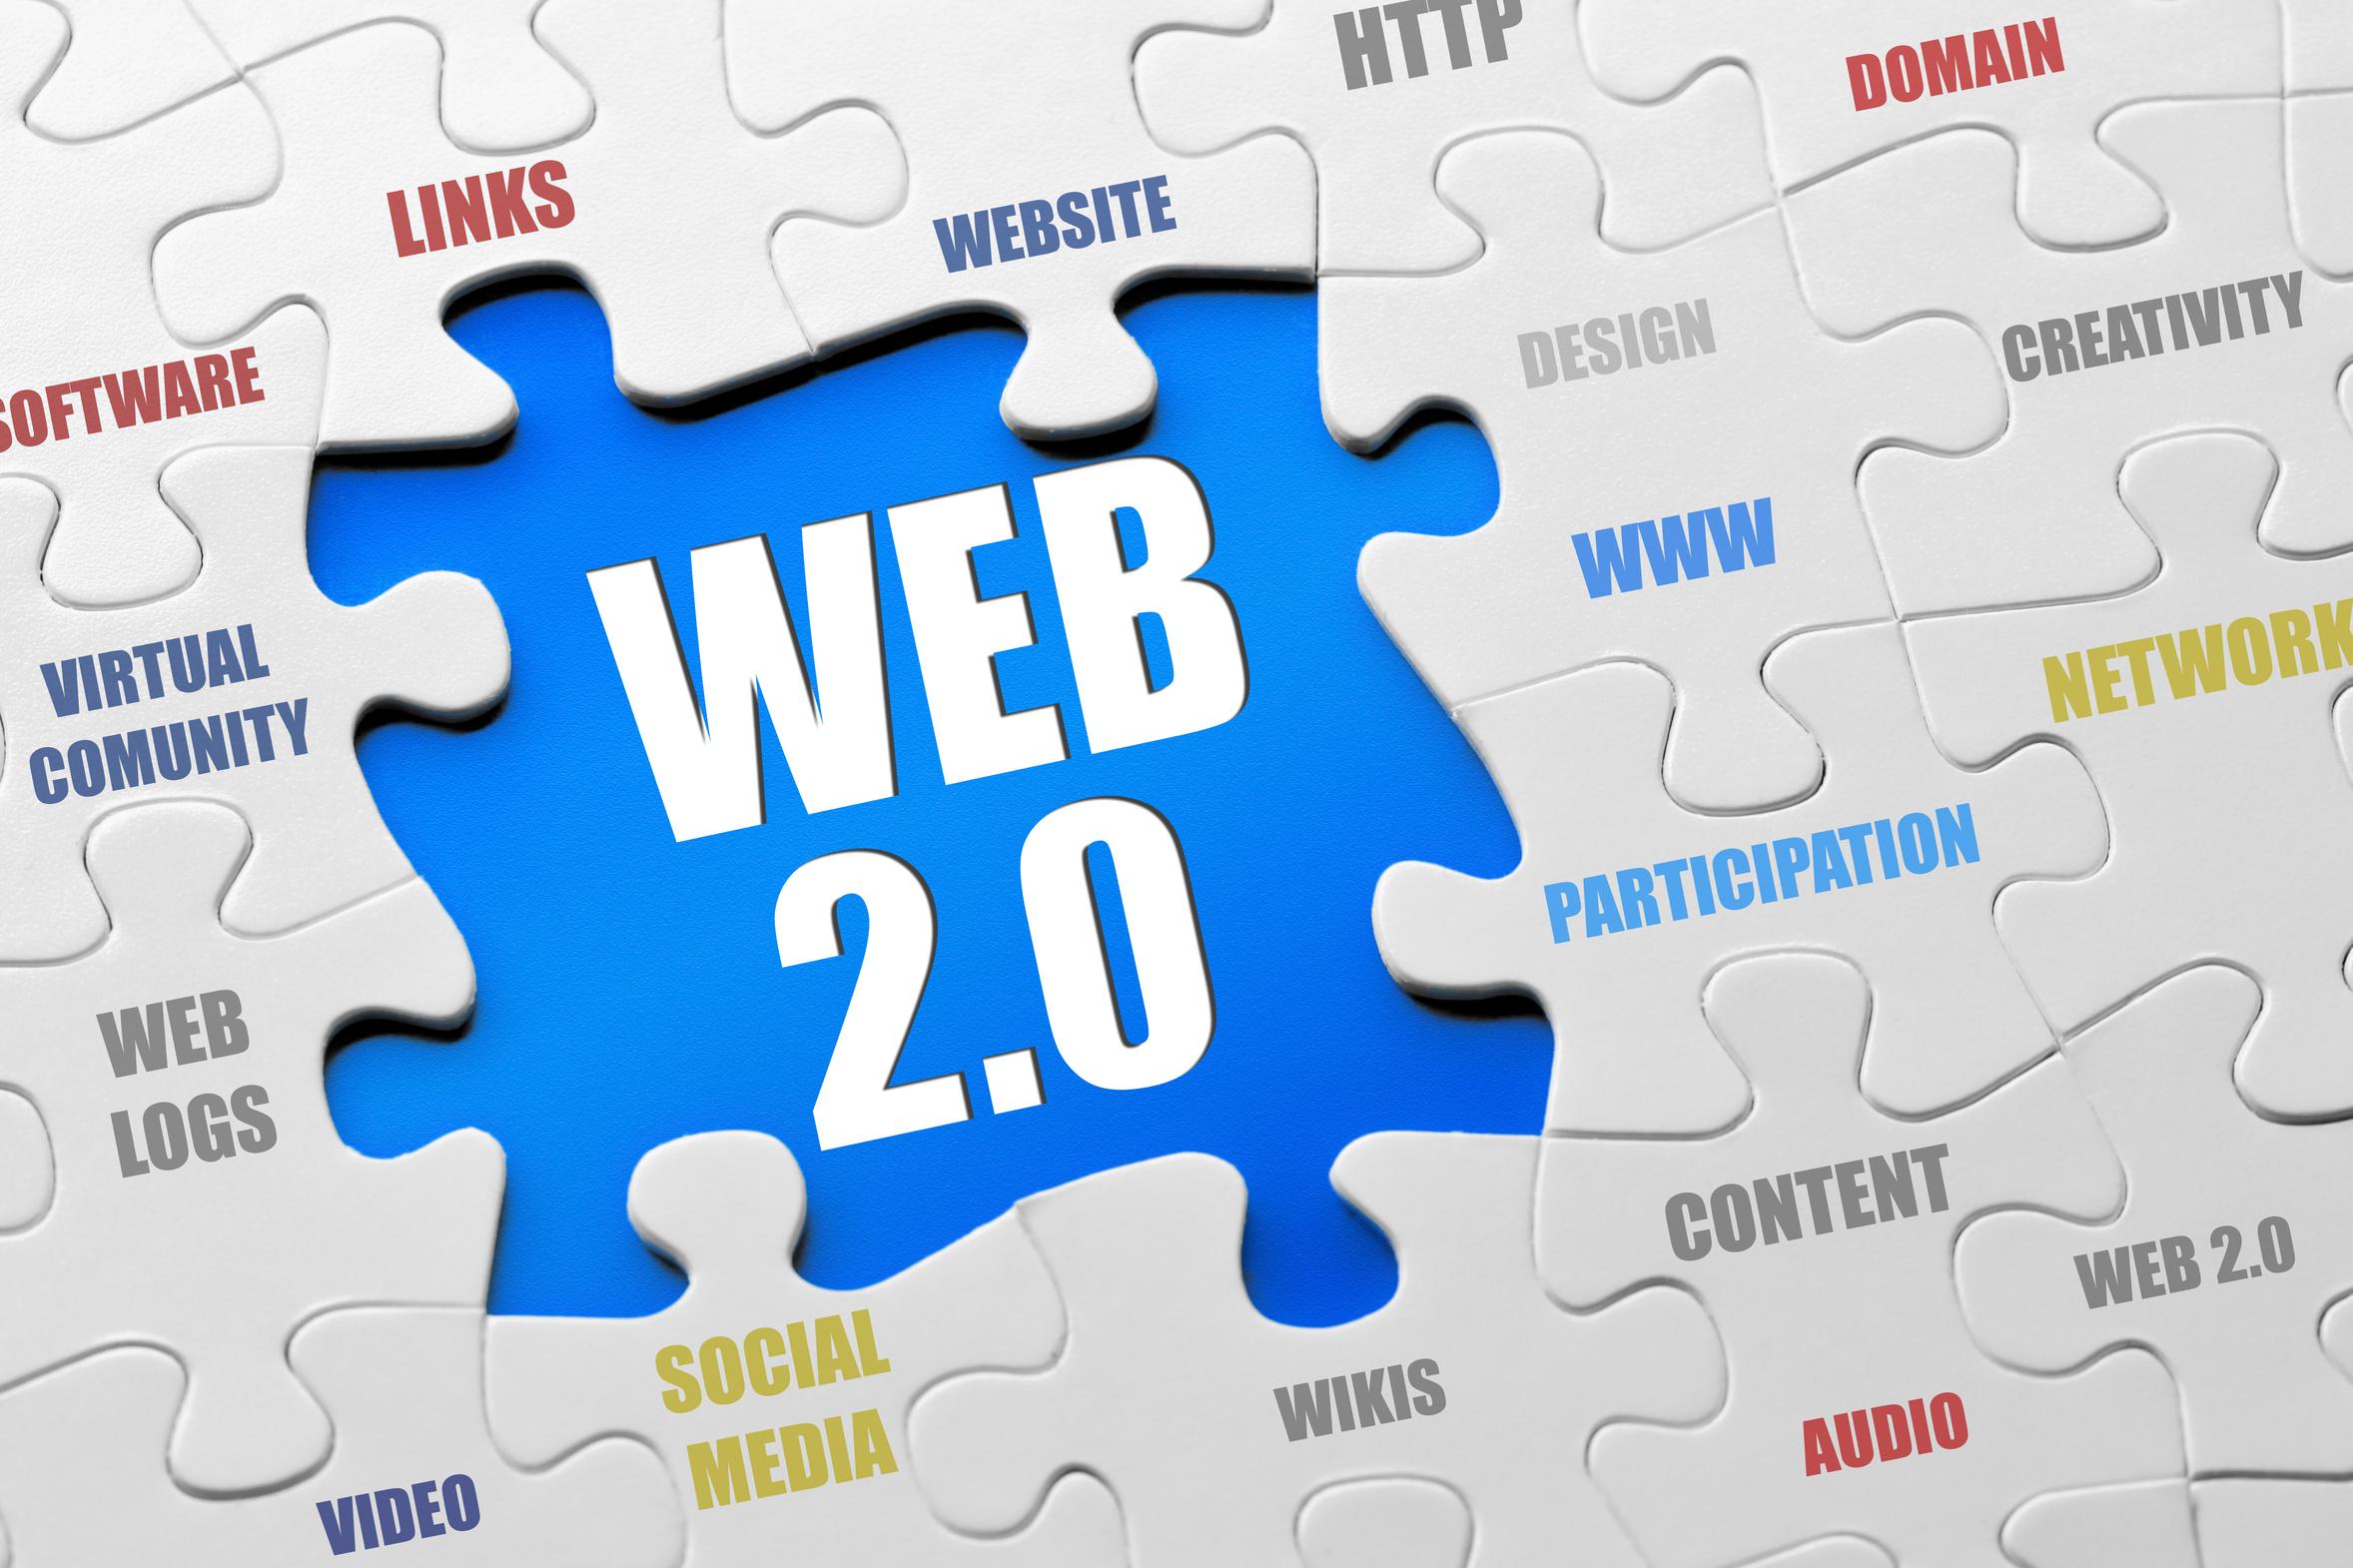 2 Pa 28+ tumblr Web 2.0 With Login Detail